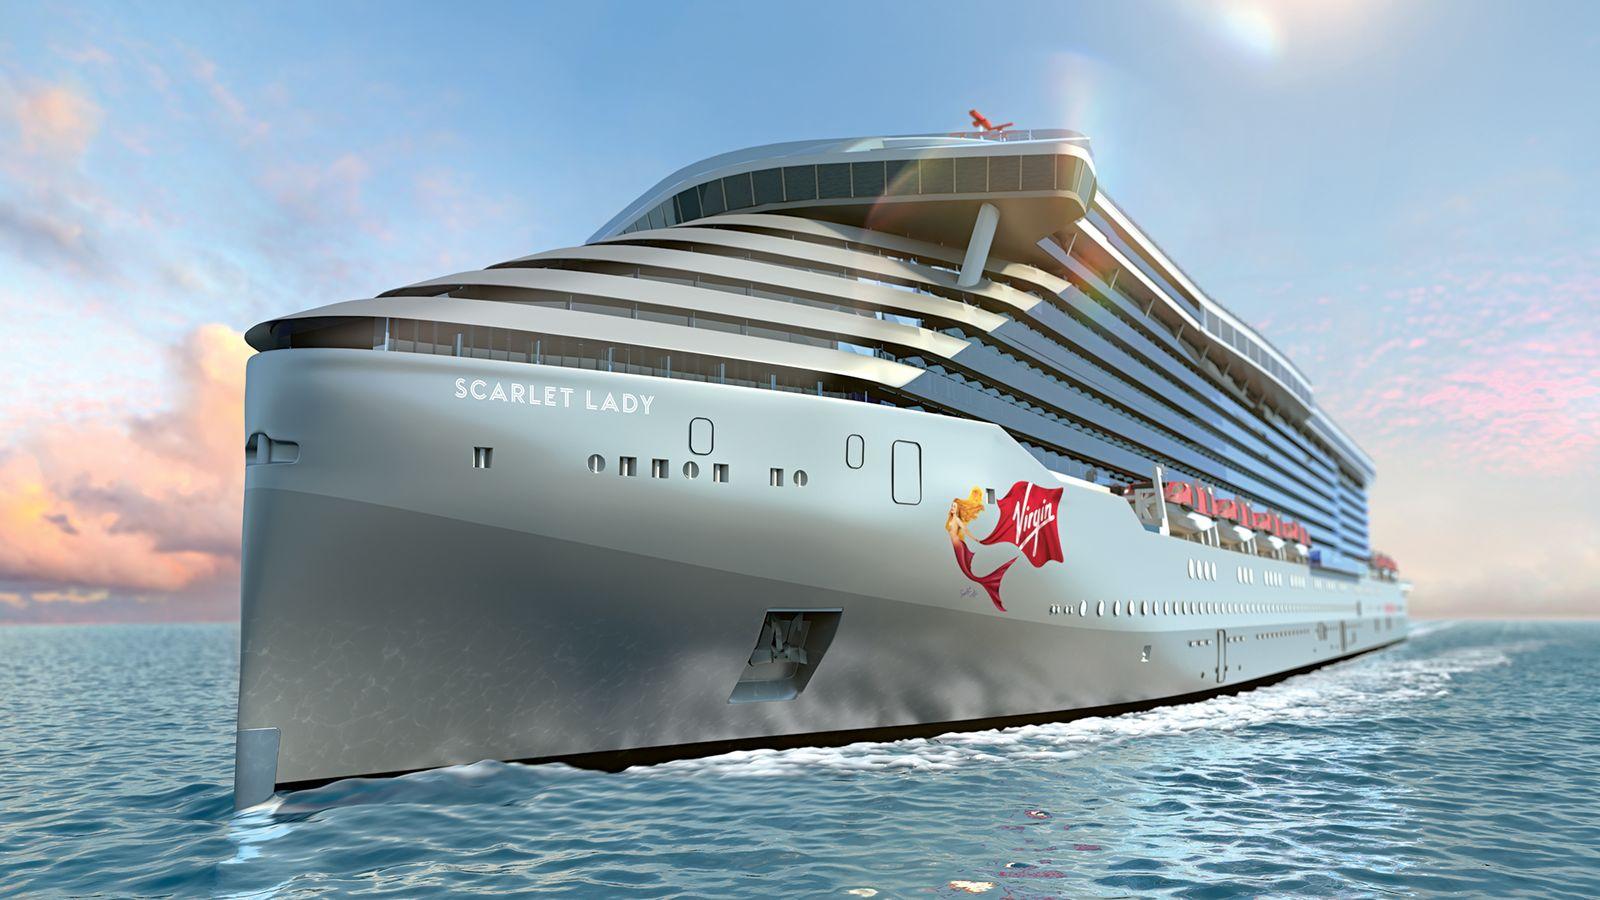 RDR-SHIP-exterior-scarlet-lady-v1-01-2000x1125